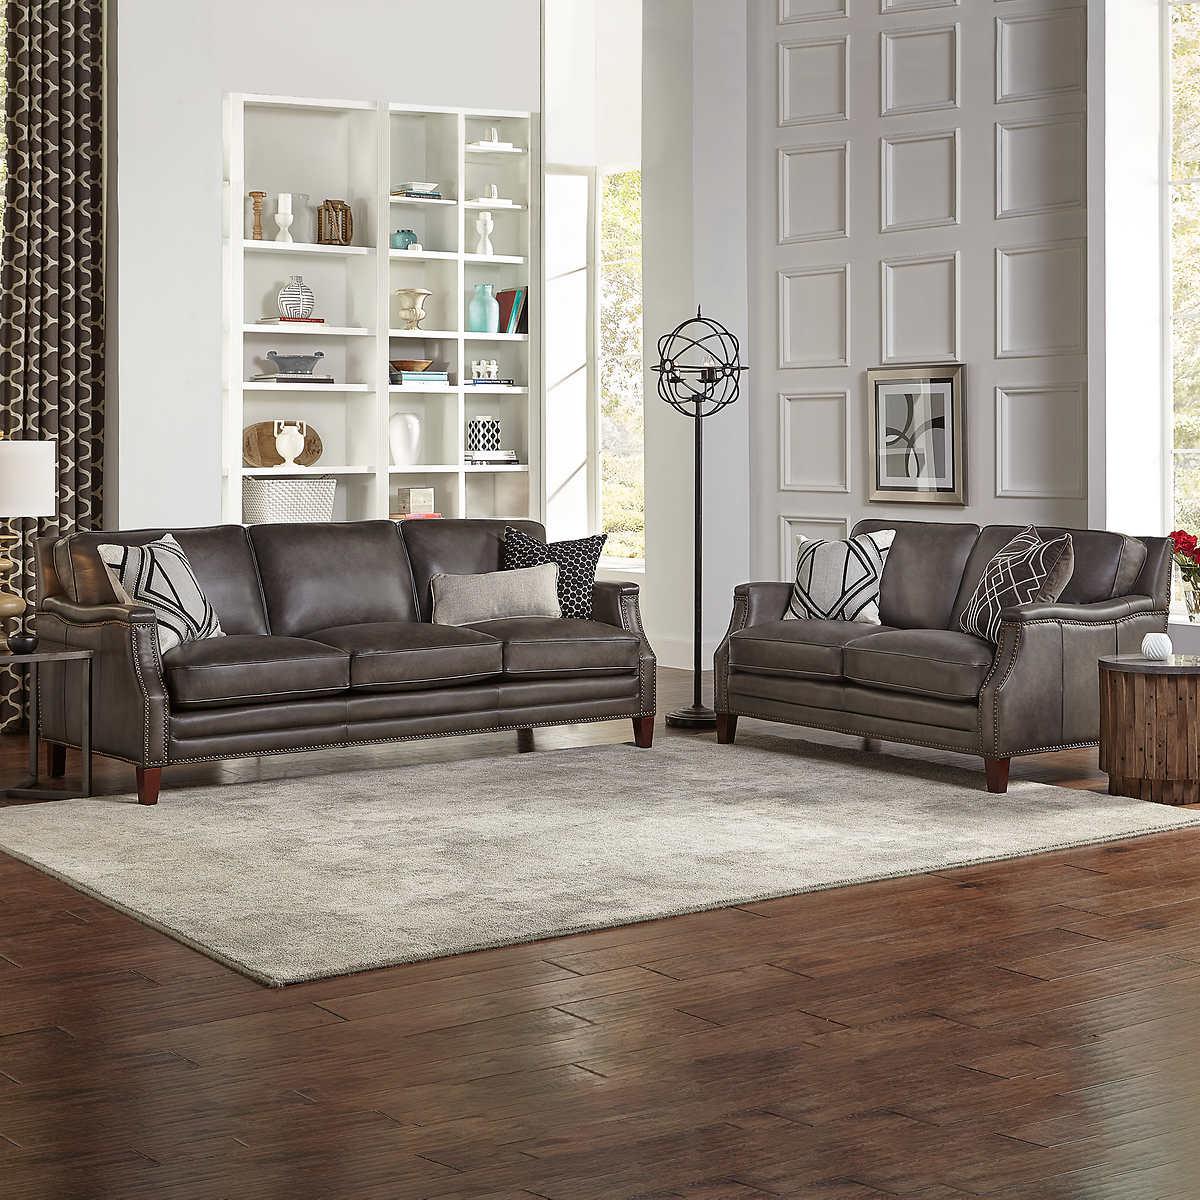 Peachy Edgewood 2 Piece Top Grain Leather Set Sofa Loveseat Inzonedesignstudio Interior Chair Design Inzonedesignstudiocom